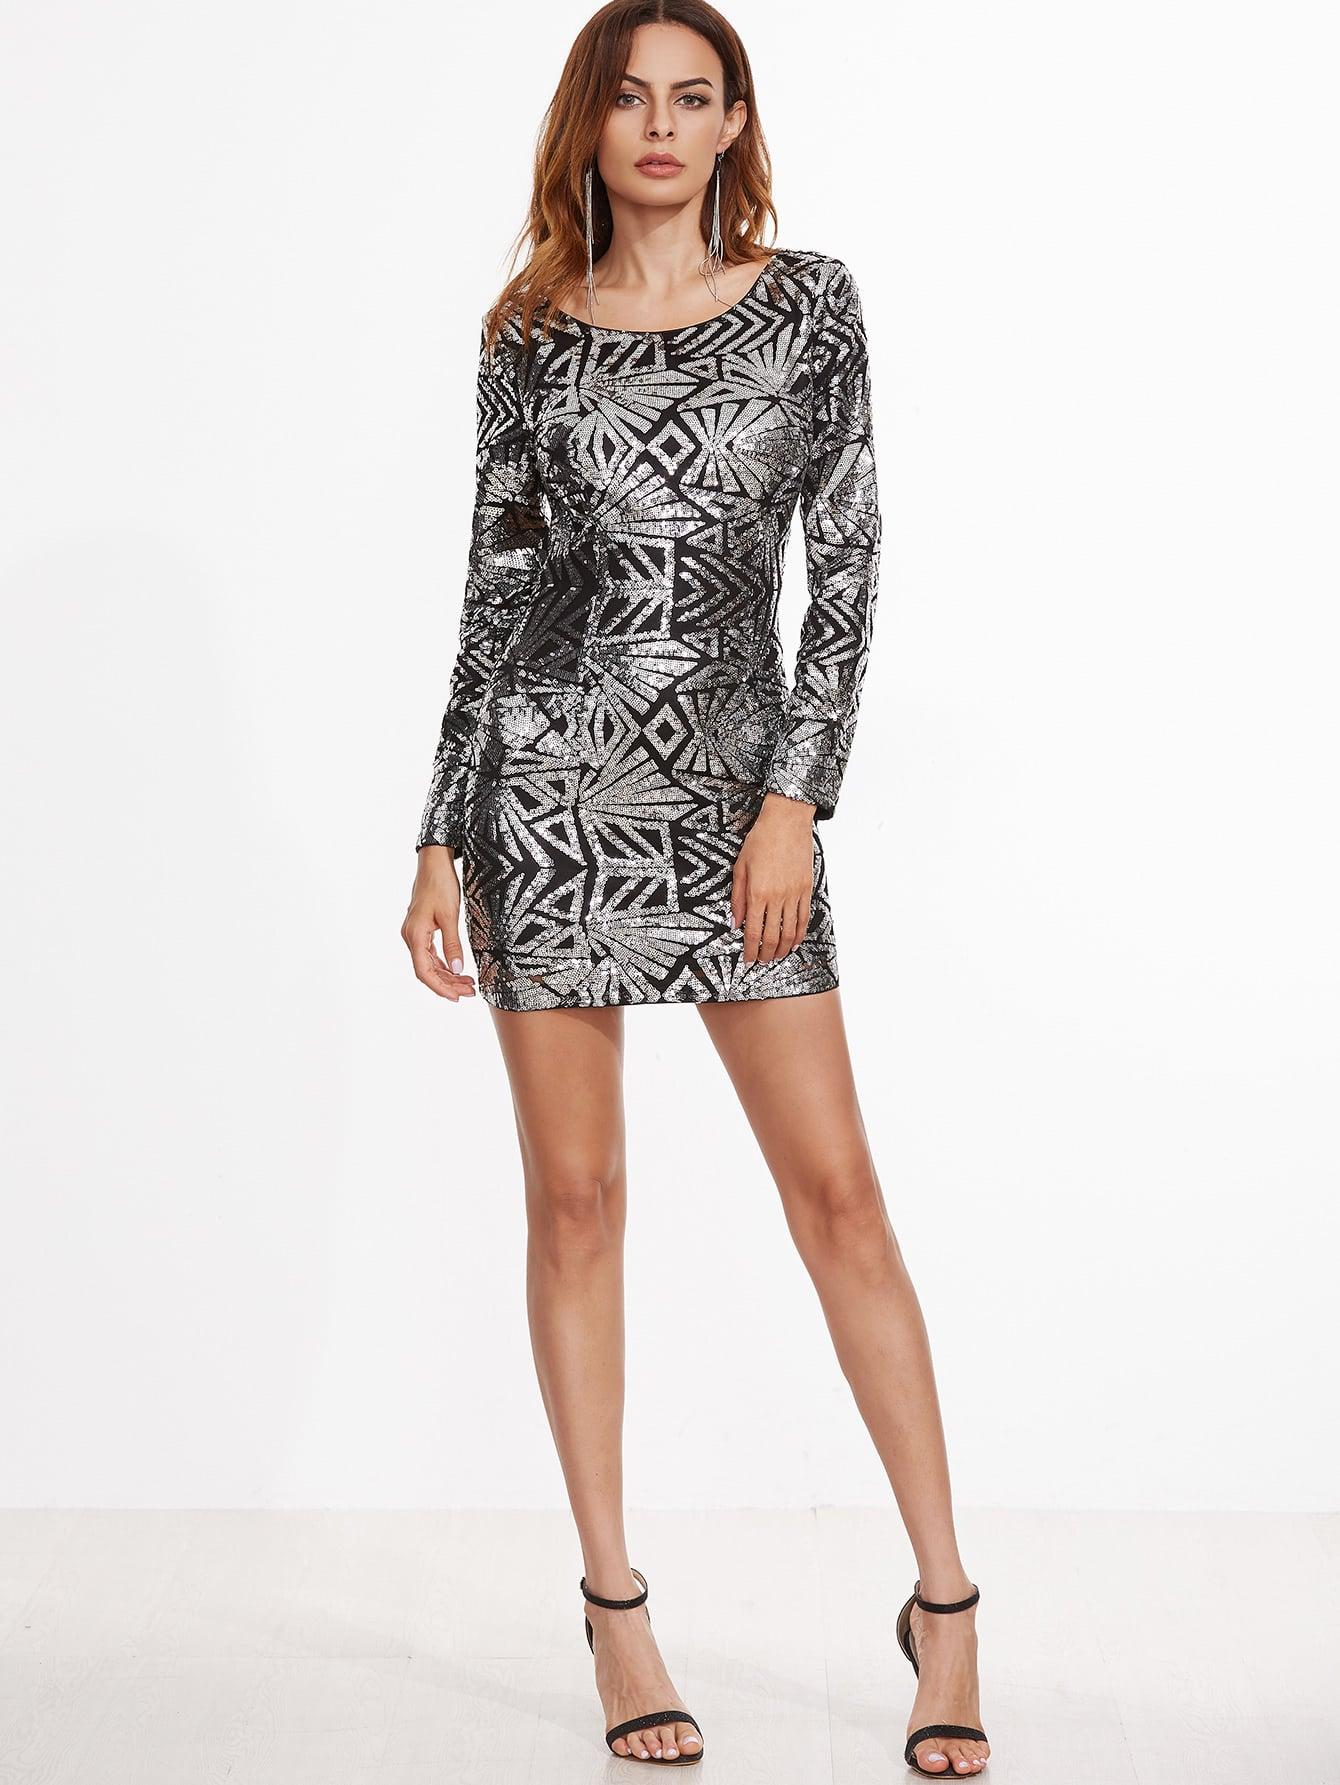 dress161025704_2